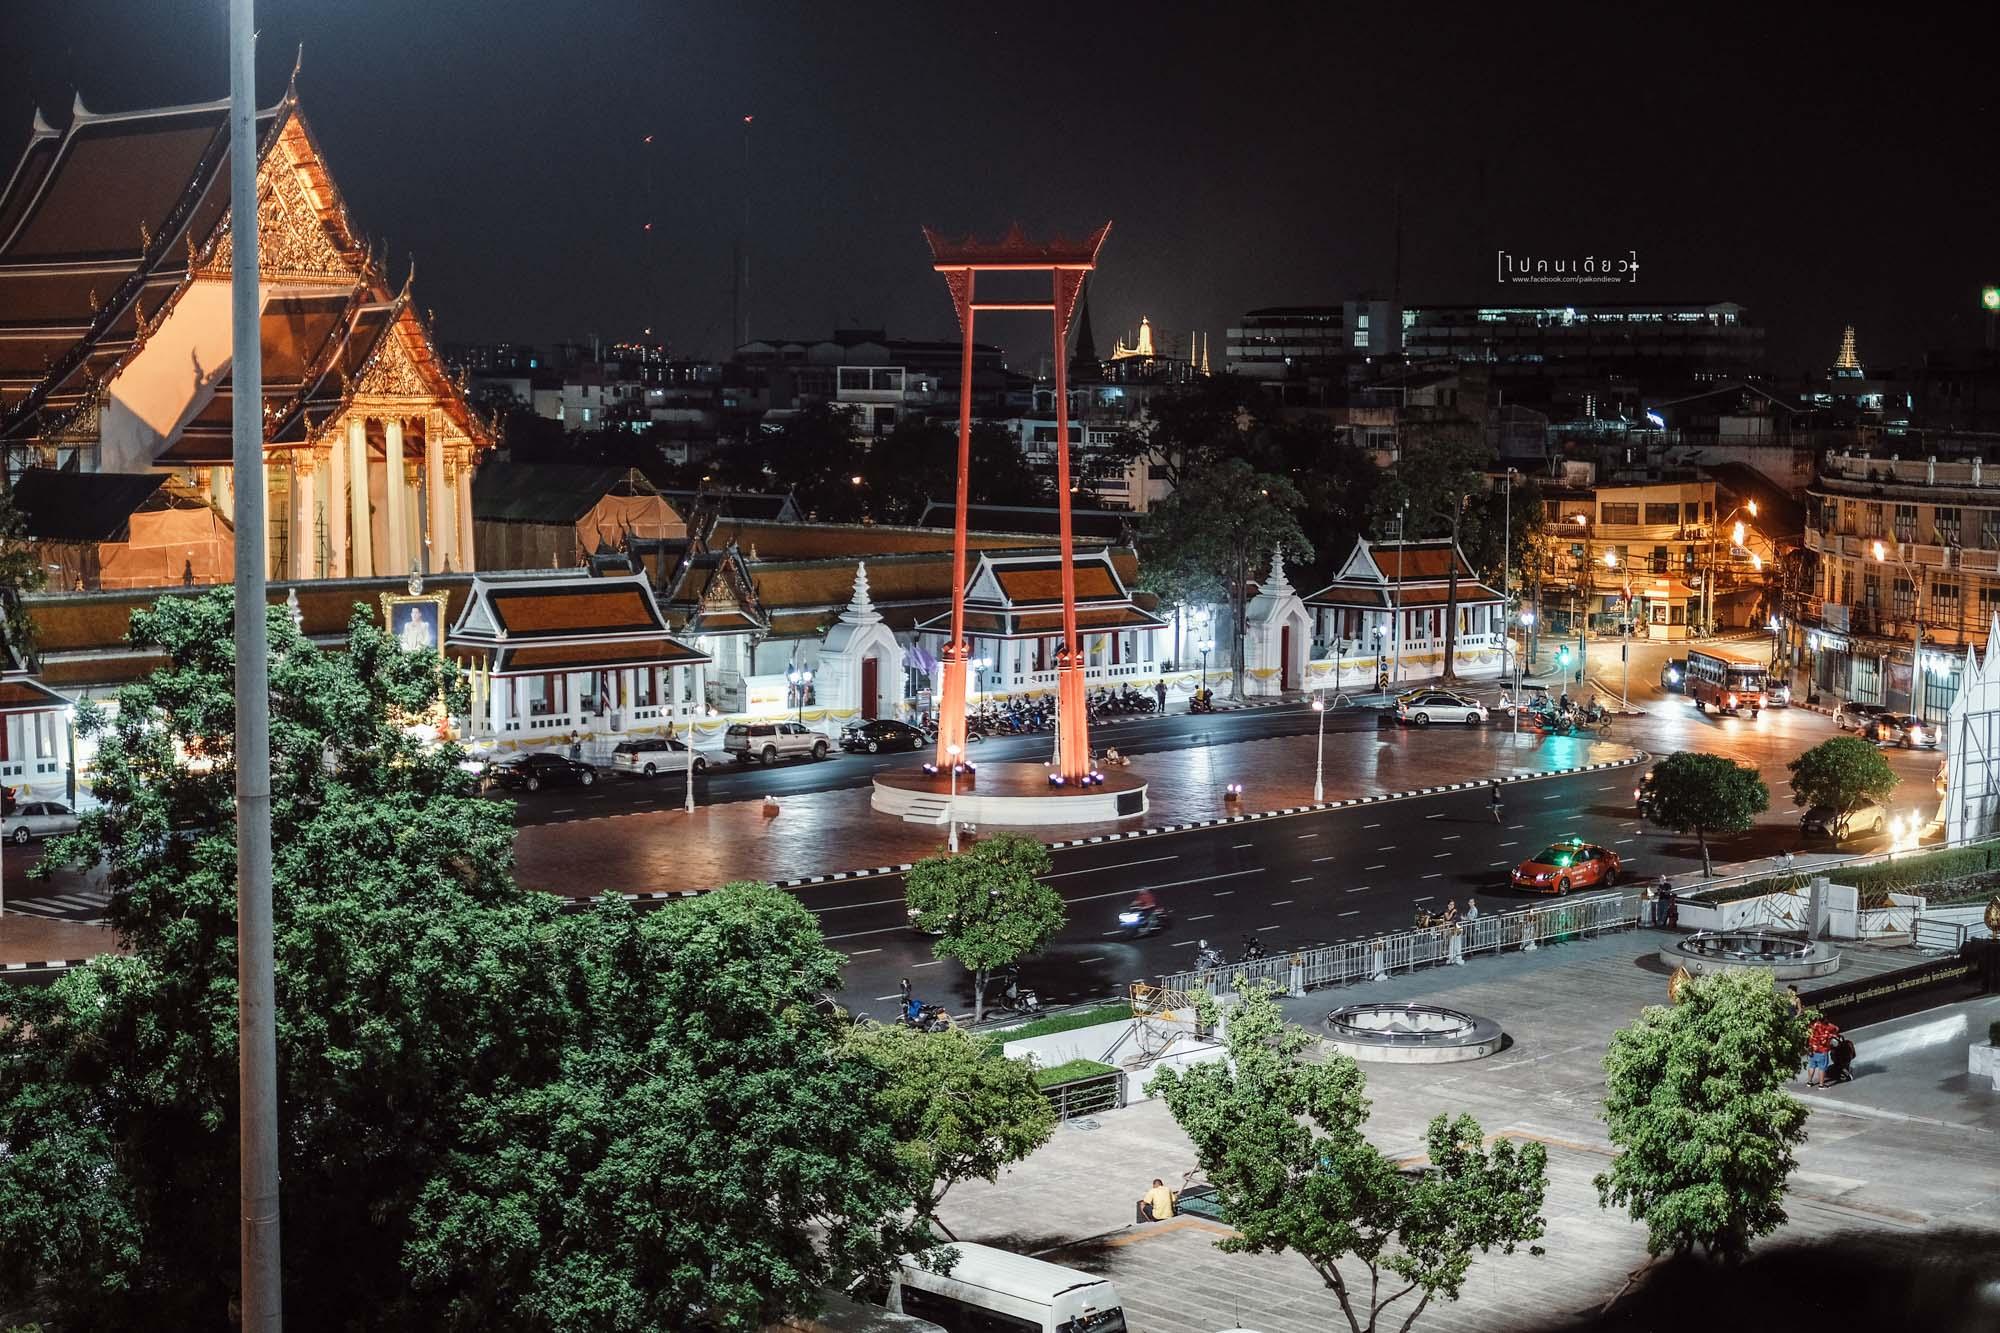 SwingBar, Swing Bar by Ching Cha, Swing Bar Bangkok, Hangout, บาร์ลับ, บาร์บนดาดฟ้า, ร้านลับๆ บนดาดฟ้า, เสาชิงช้า, วัดสุทัศน์, ภูเขาทอง, ร้านน่านั่ง, รีวิวกรุงเทพฯ